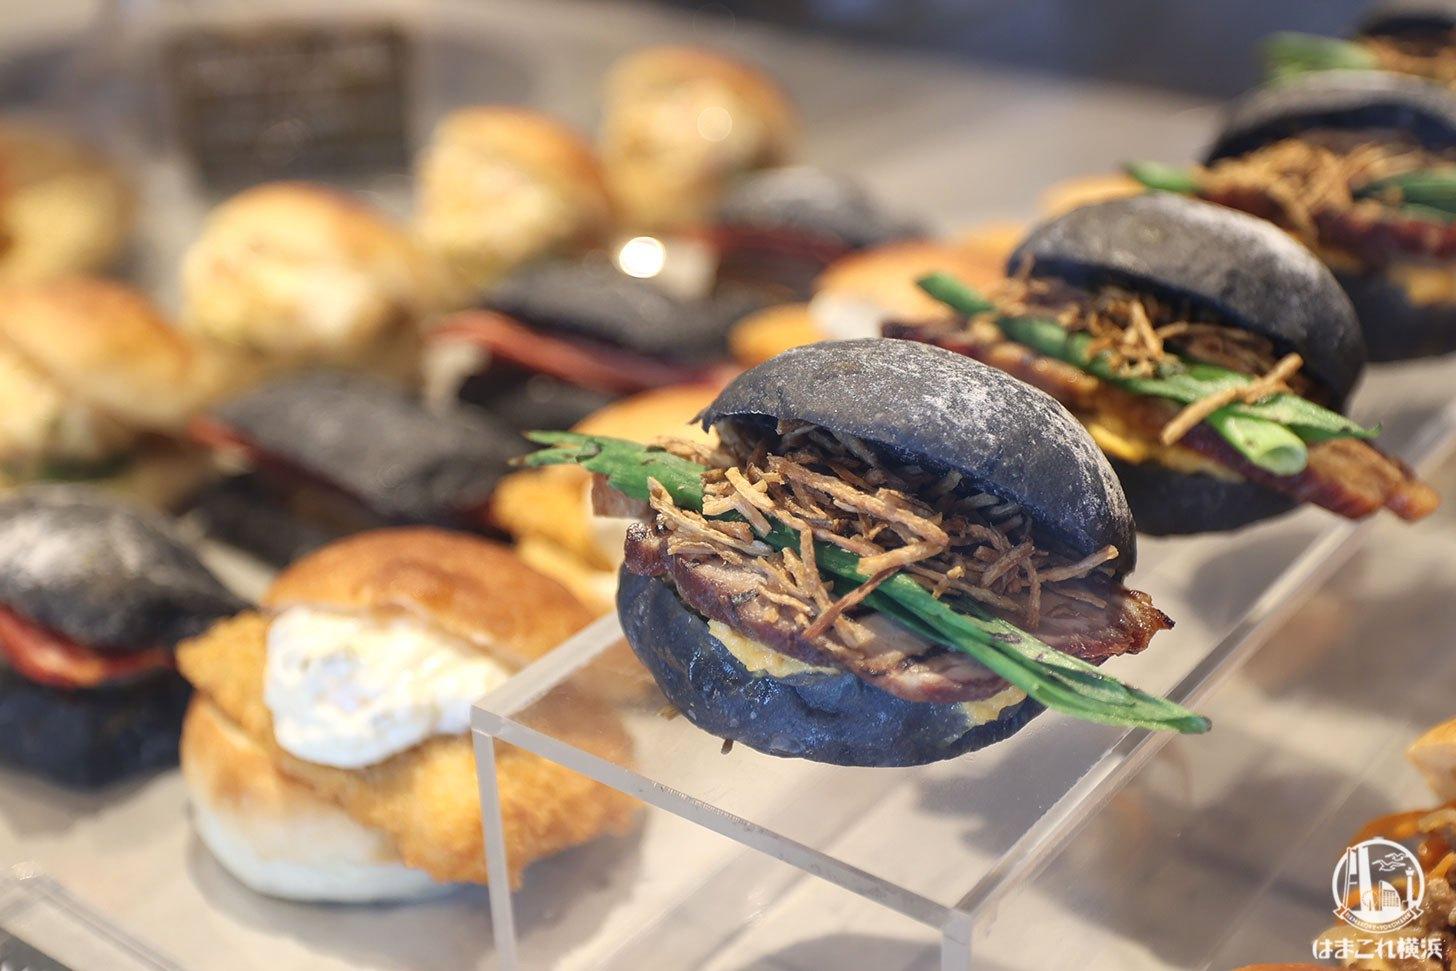 ベンハー・尾島商店のパン屋は惣菜パンも豊富で焼豚バーガー絶品!横浜・桜木町駅至近